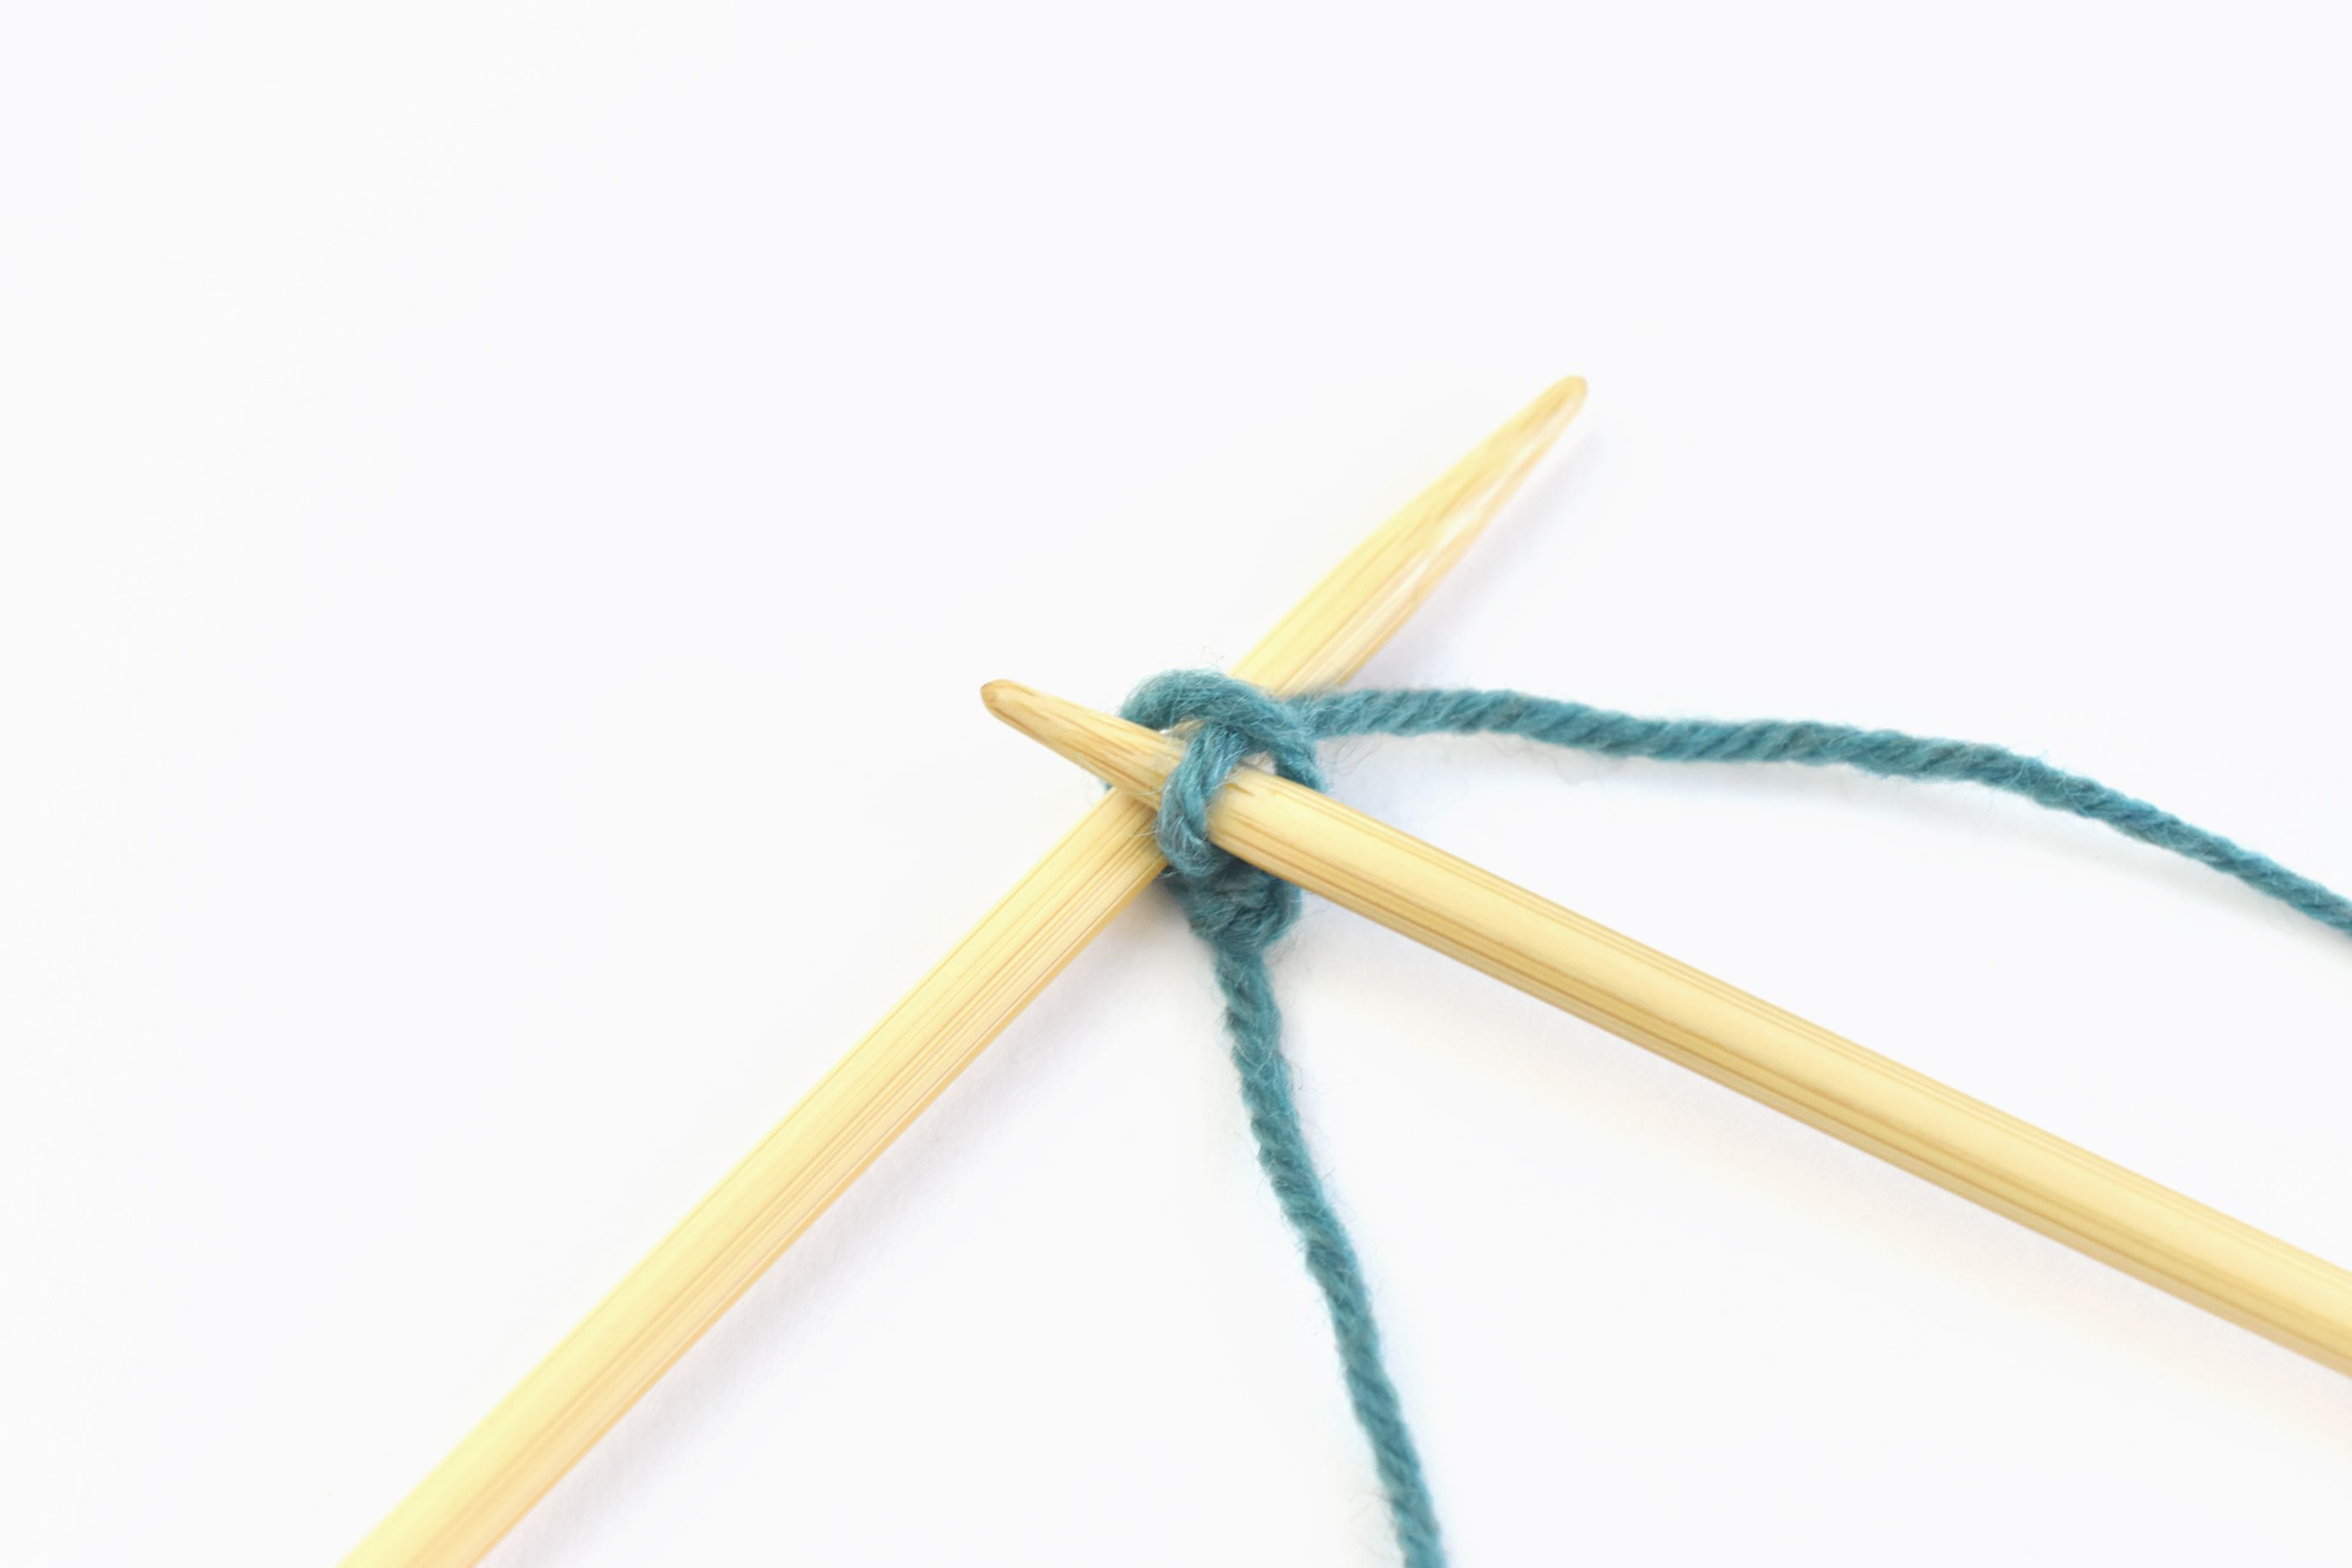 Bring the Yarn Through the First Stitch